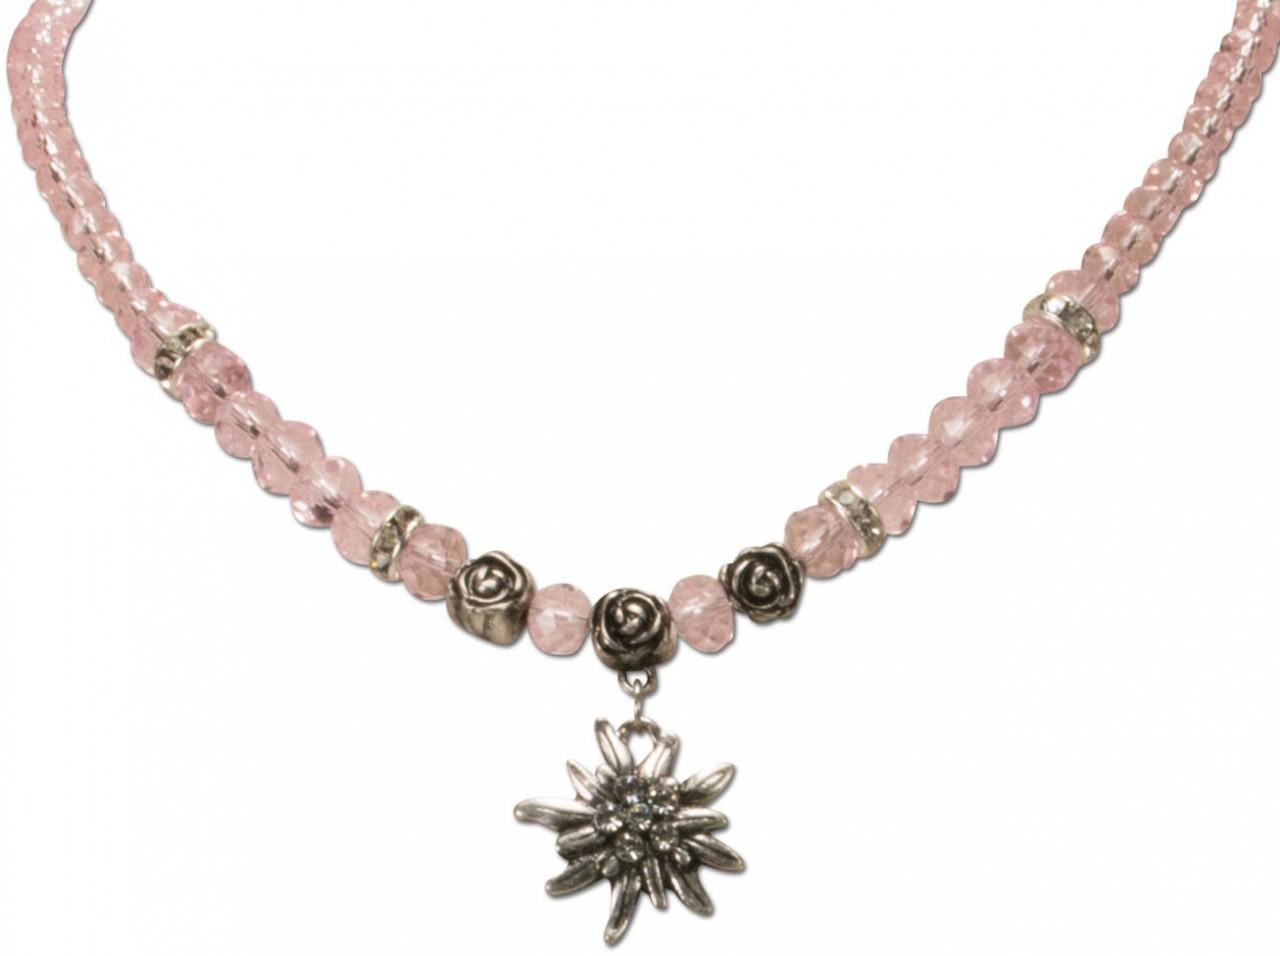 Perlenhalskette kleines Edelweiß rosa